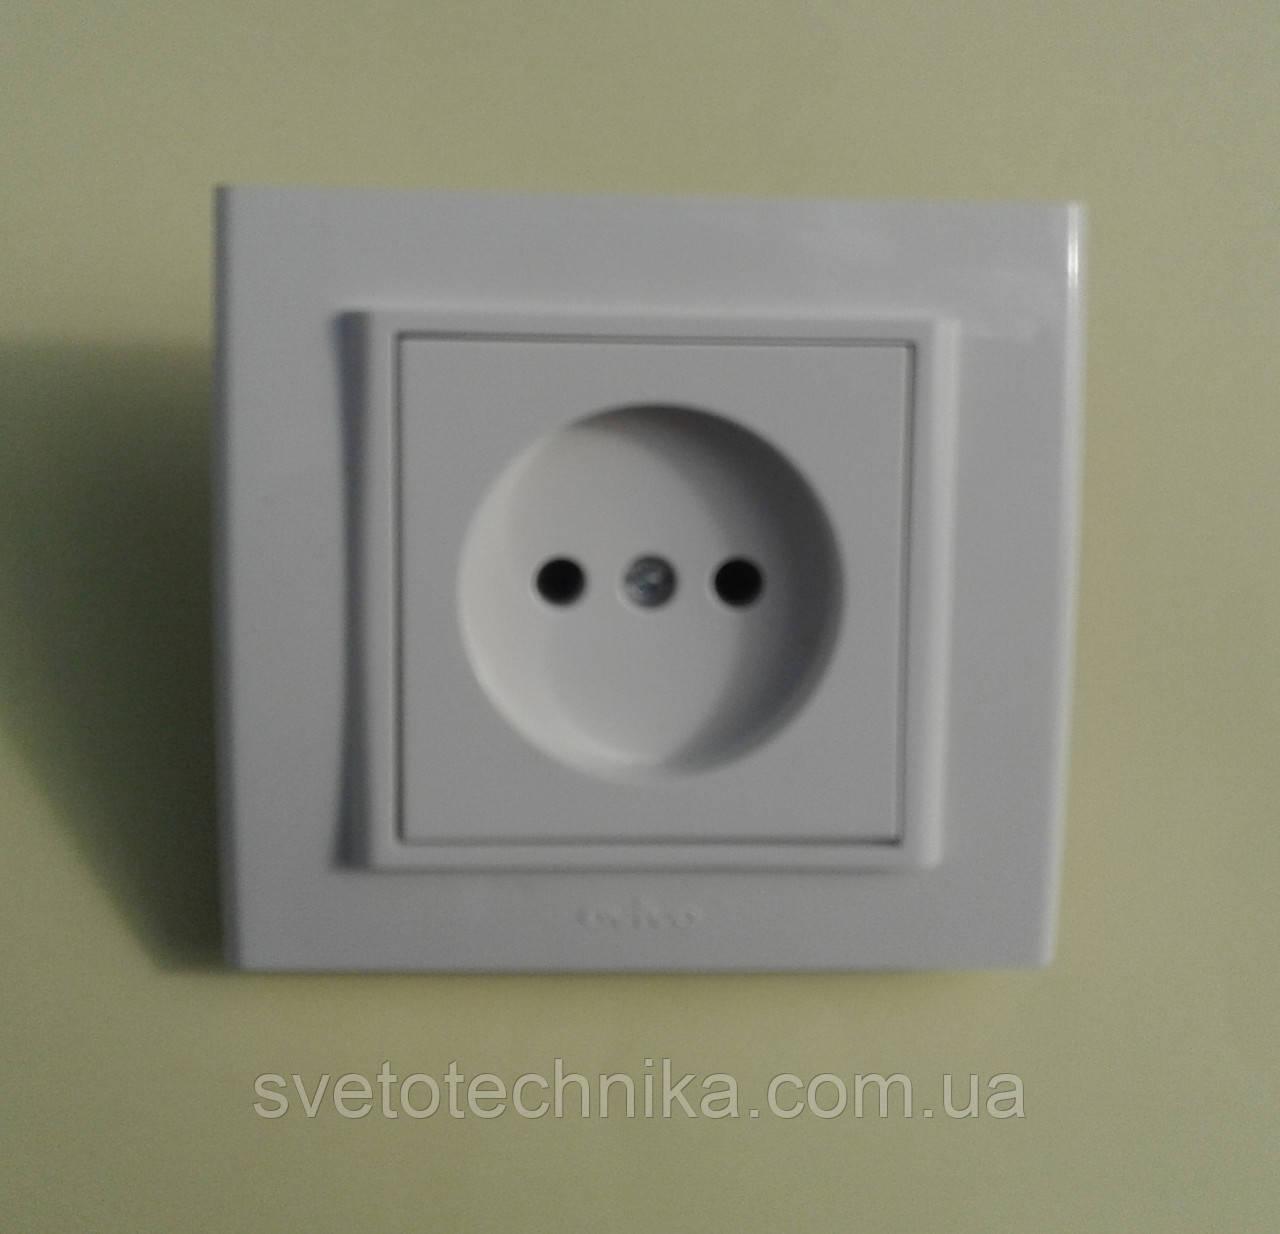 Розетка электрическая OVIVO Mina  одинарная без заземления (белый)